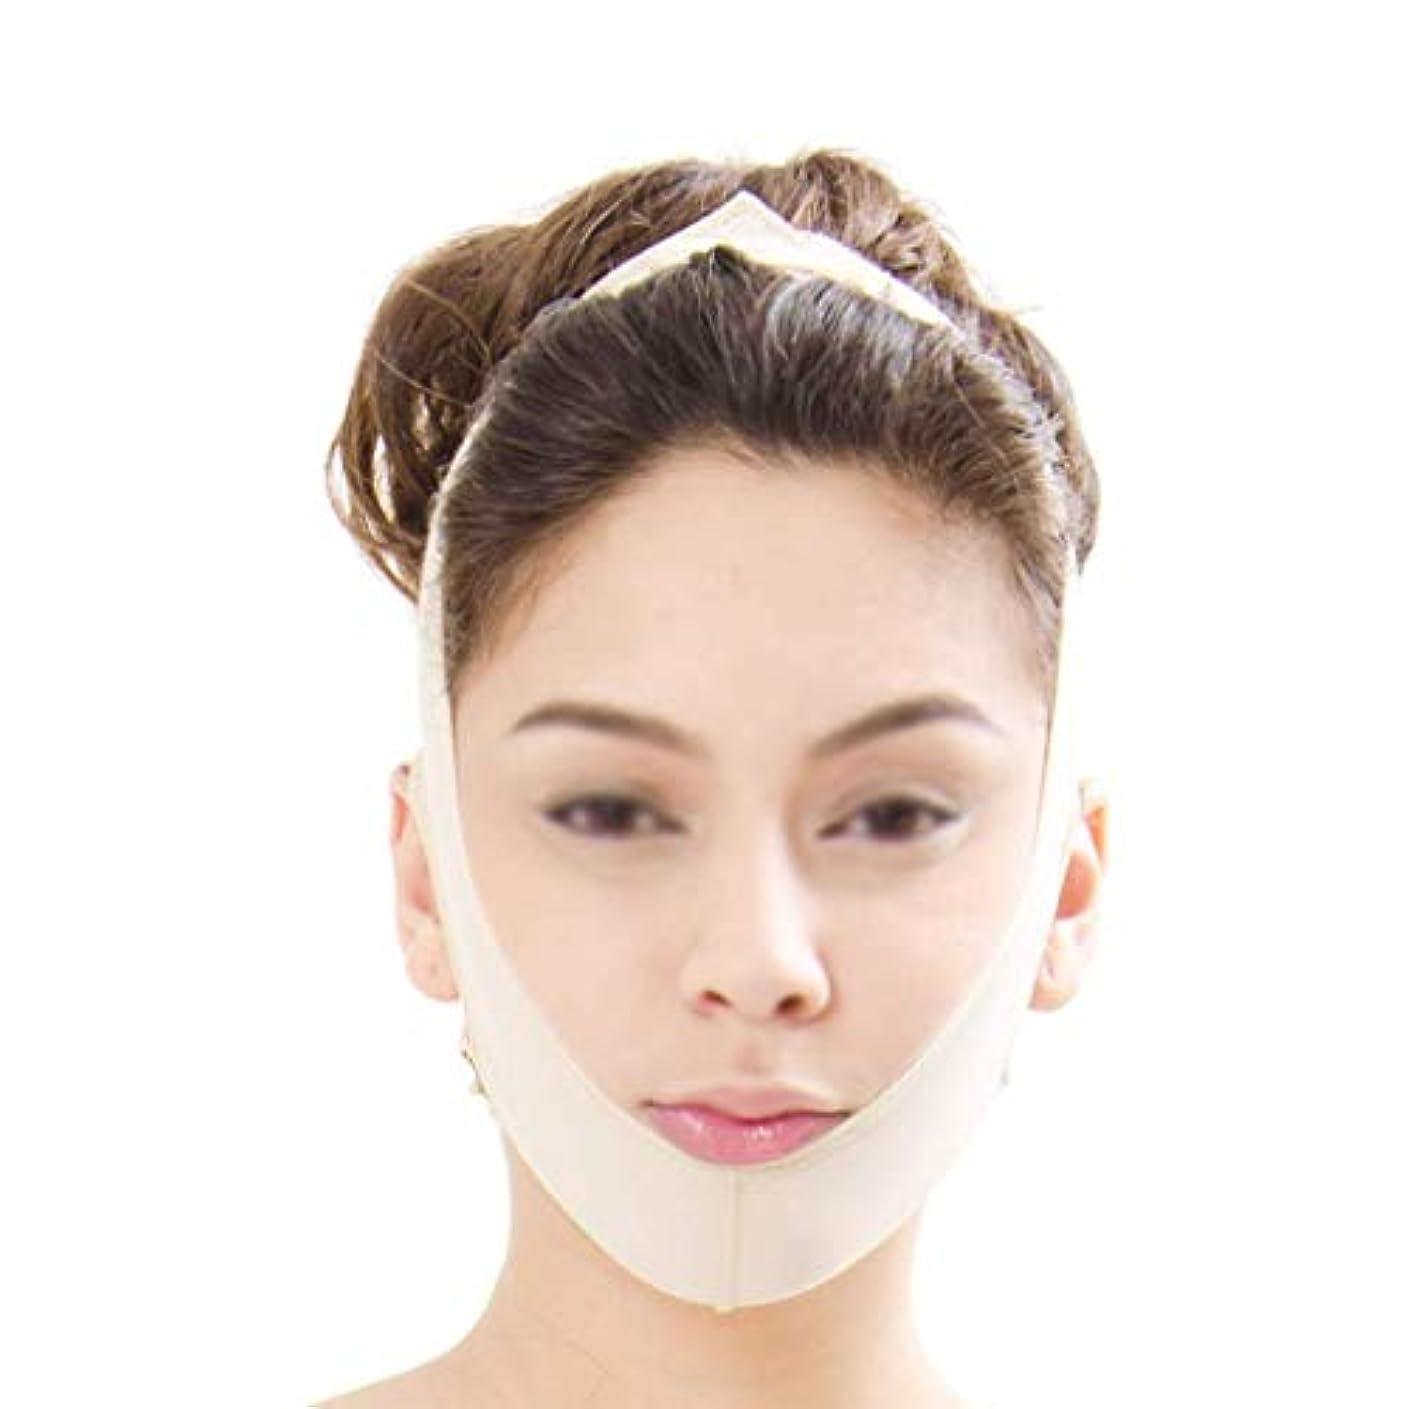 生産的例シエスタフェイススリミングバンデージ、フェイスリフティングマスク、フェイスリフティングバンデージ、フェイシャル減量マスク、ダブルチンケア減量(サイズ:M),M